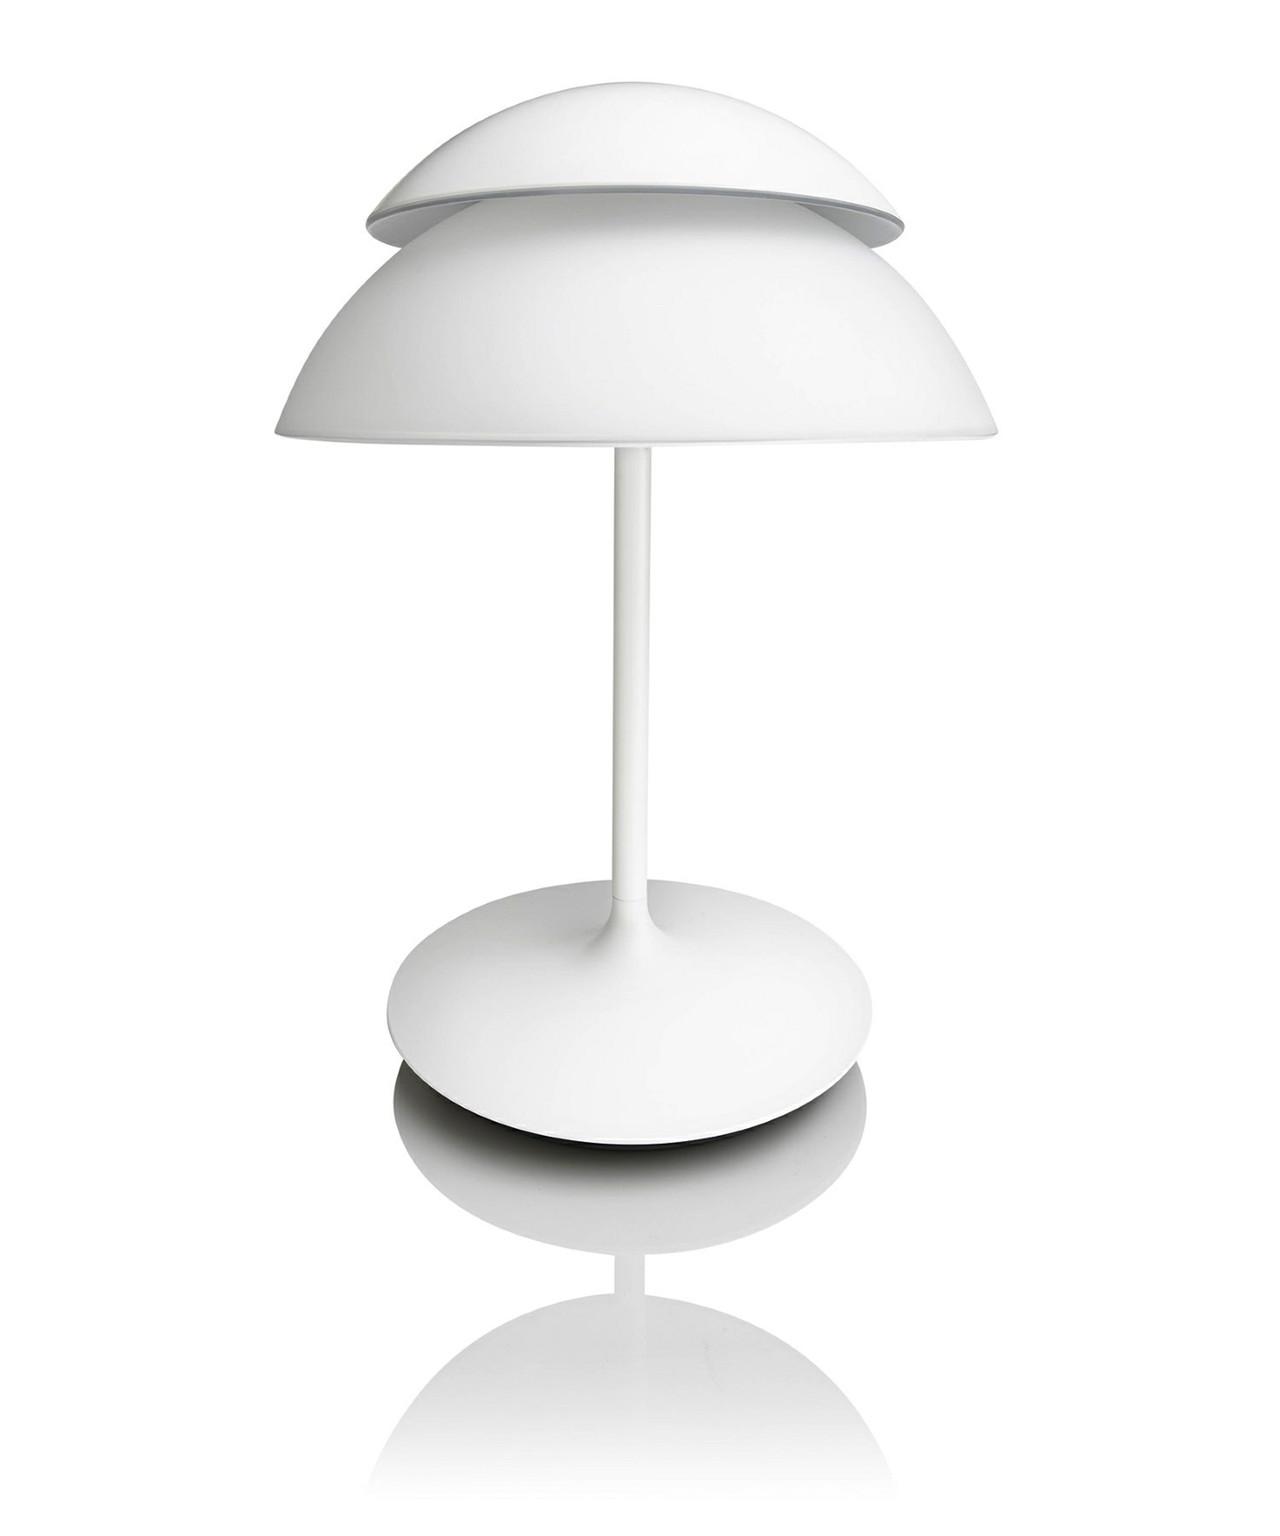 philips hue beyond tishcleuchte. Black Bedroom Furniture Sets. Home Design Ideas